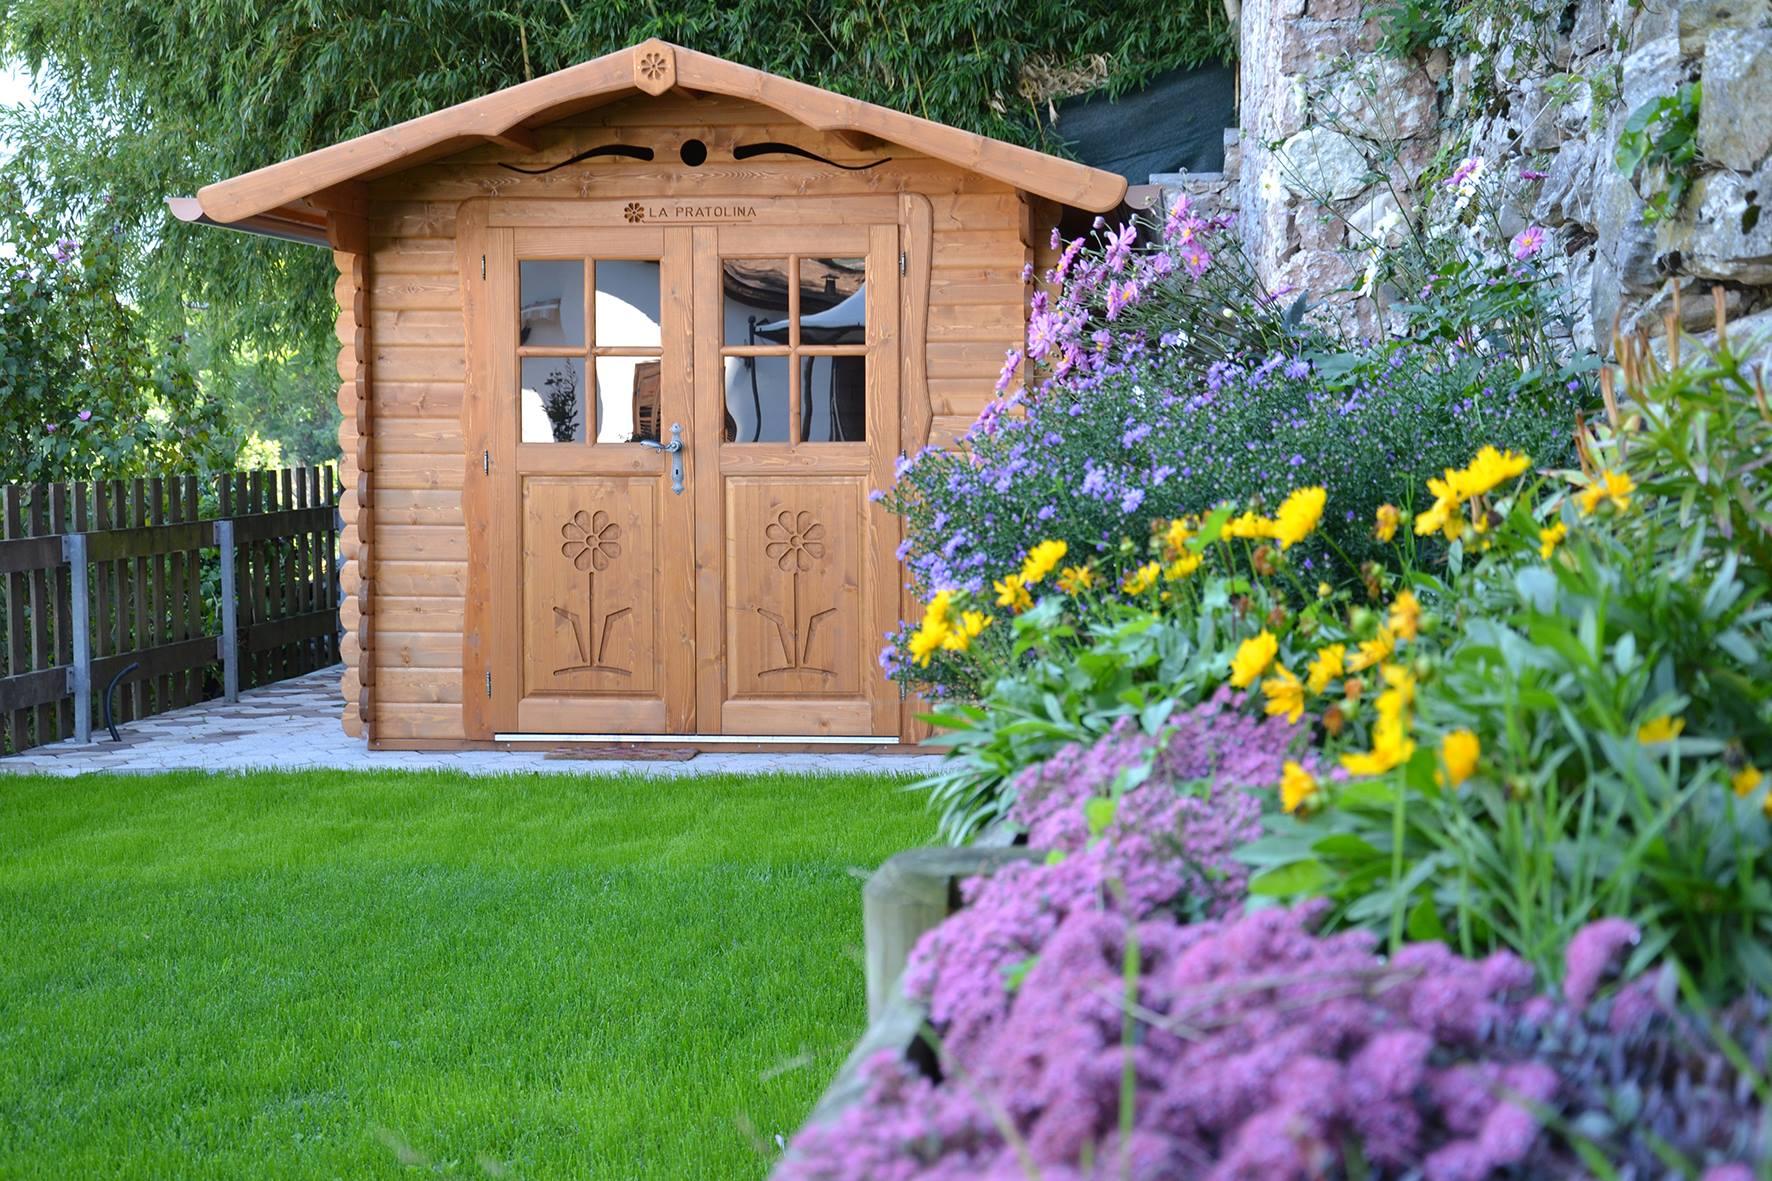 Casetta In Legno Giardino : Casette in legno da giardino utili e graziose u ecospiragli di